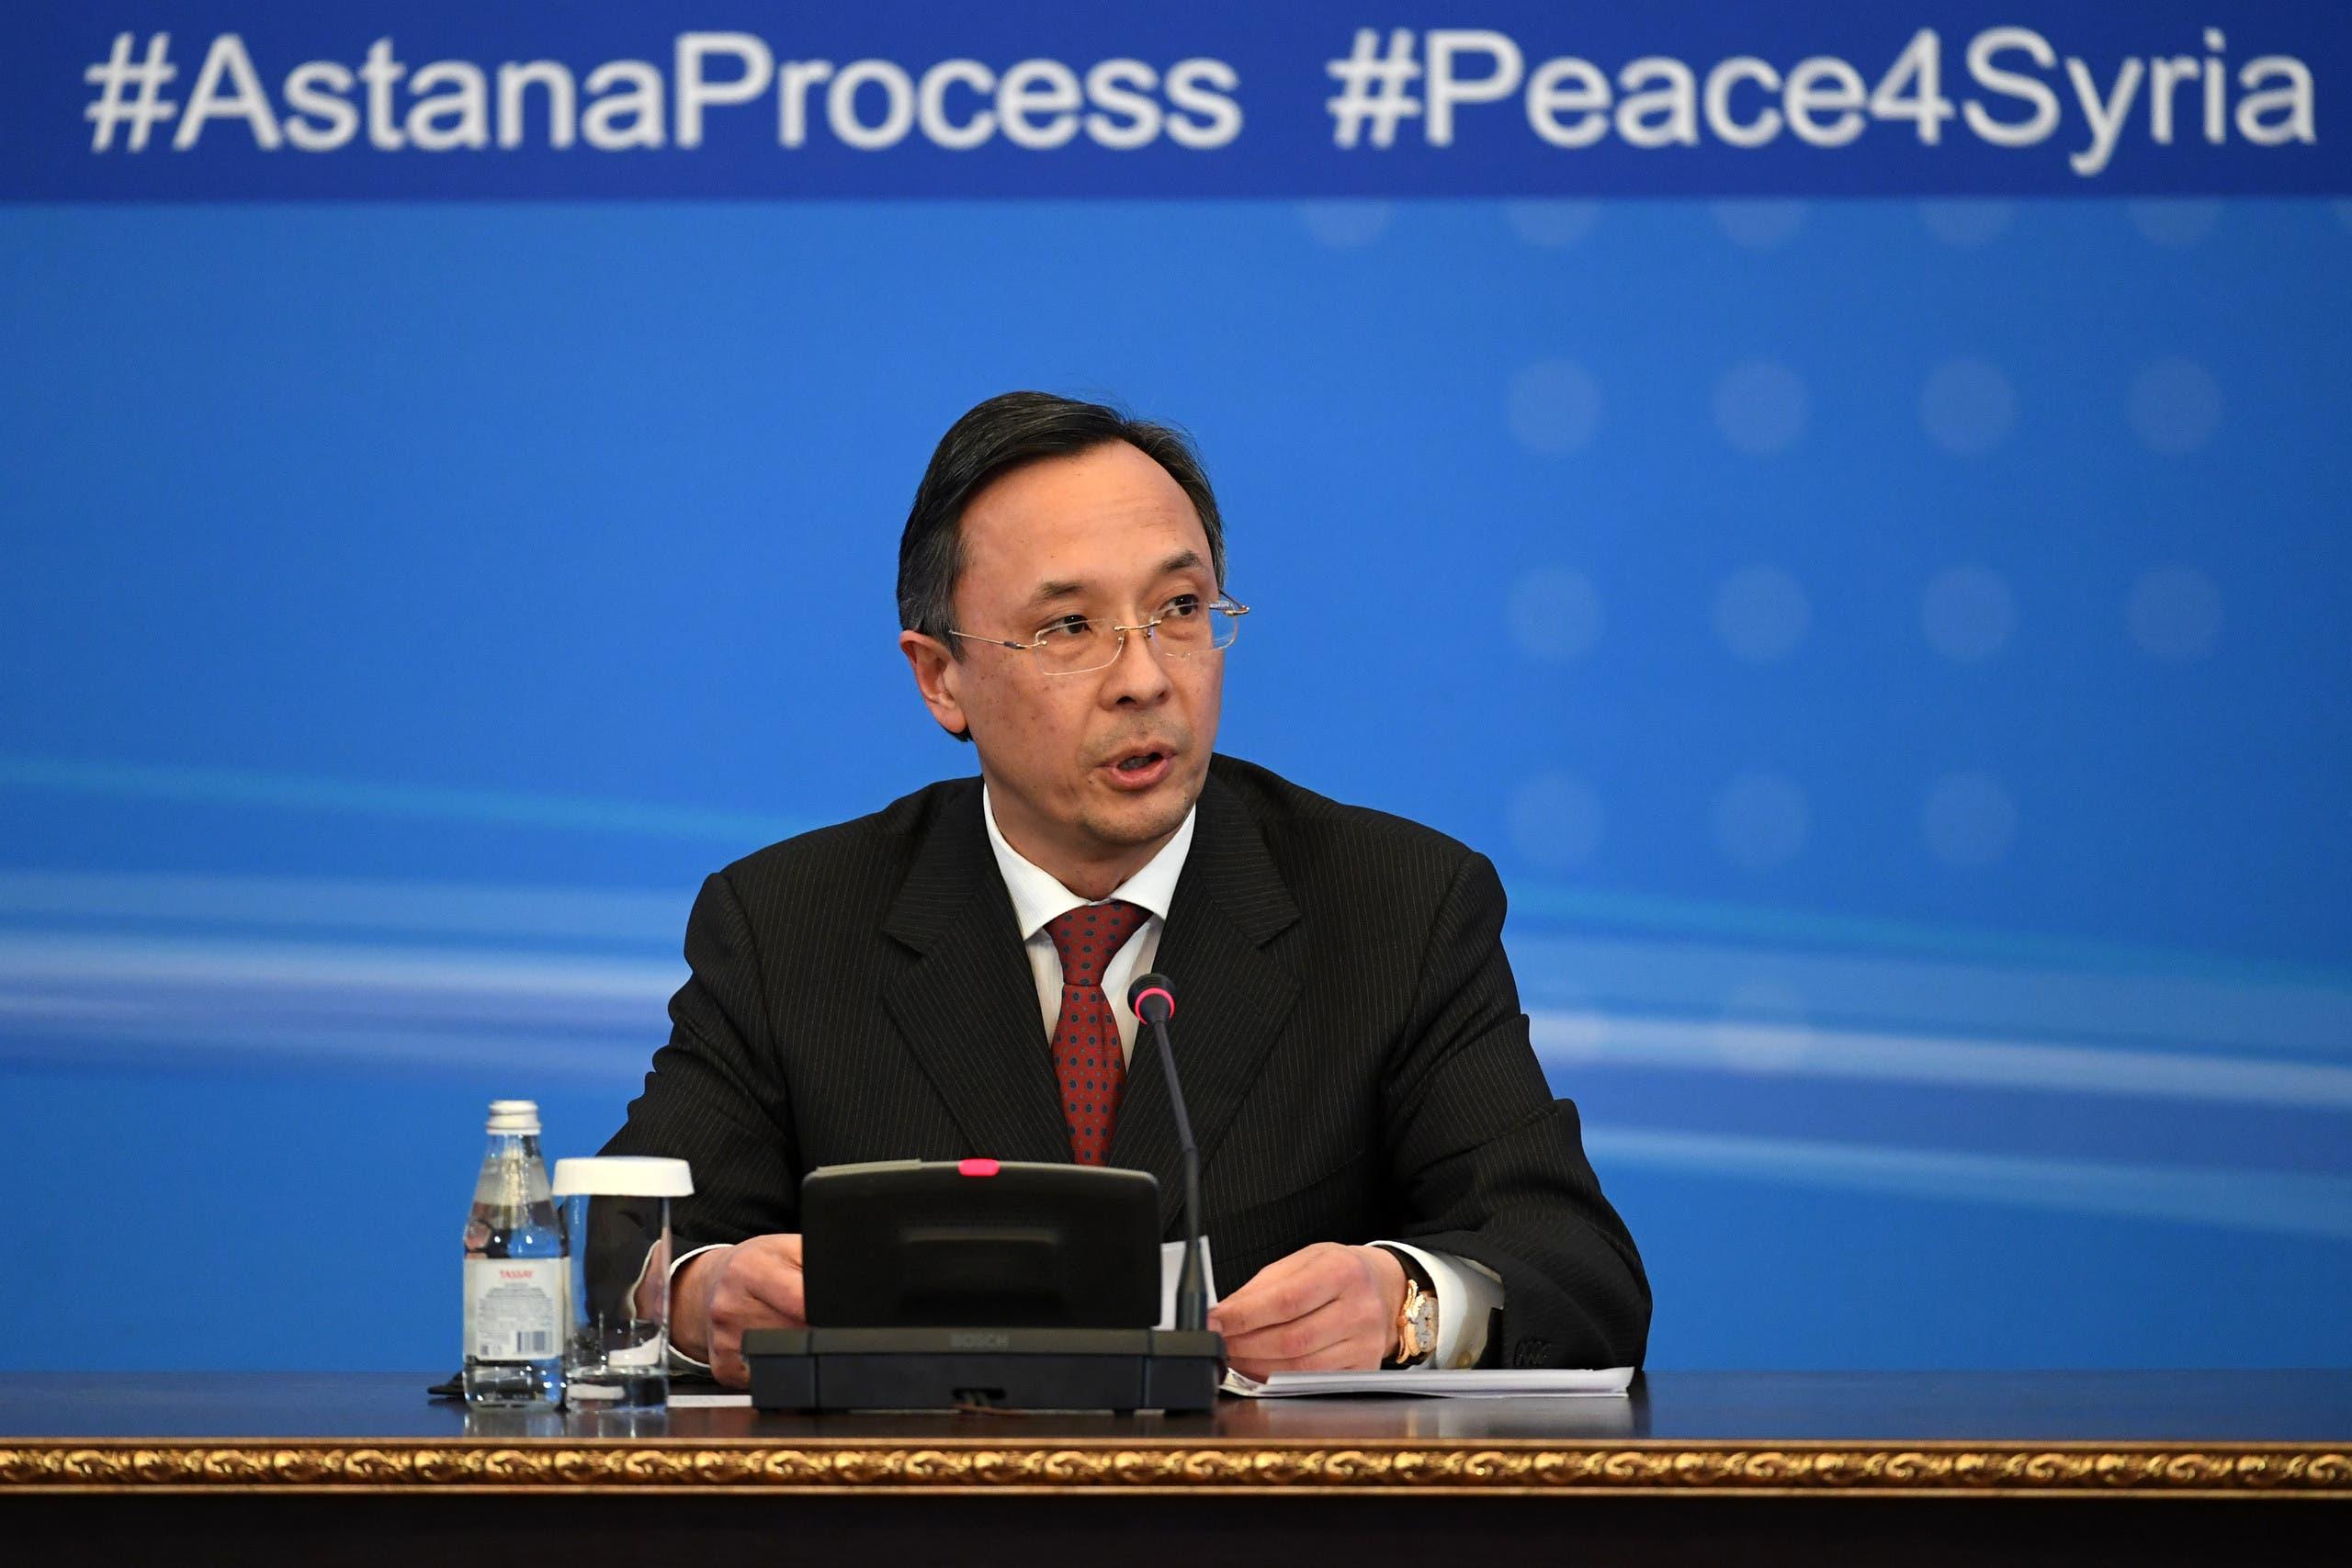 خيرت عبد الرحمنوف وزير خارجية كازاخستان في محادثات أستانا التي انعقدت في يناير الماضي